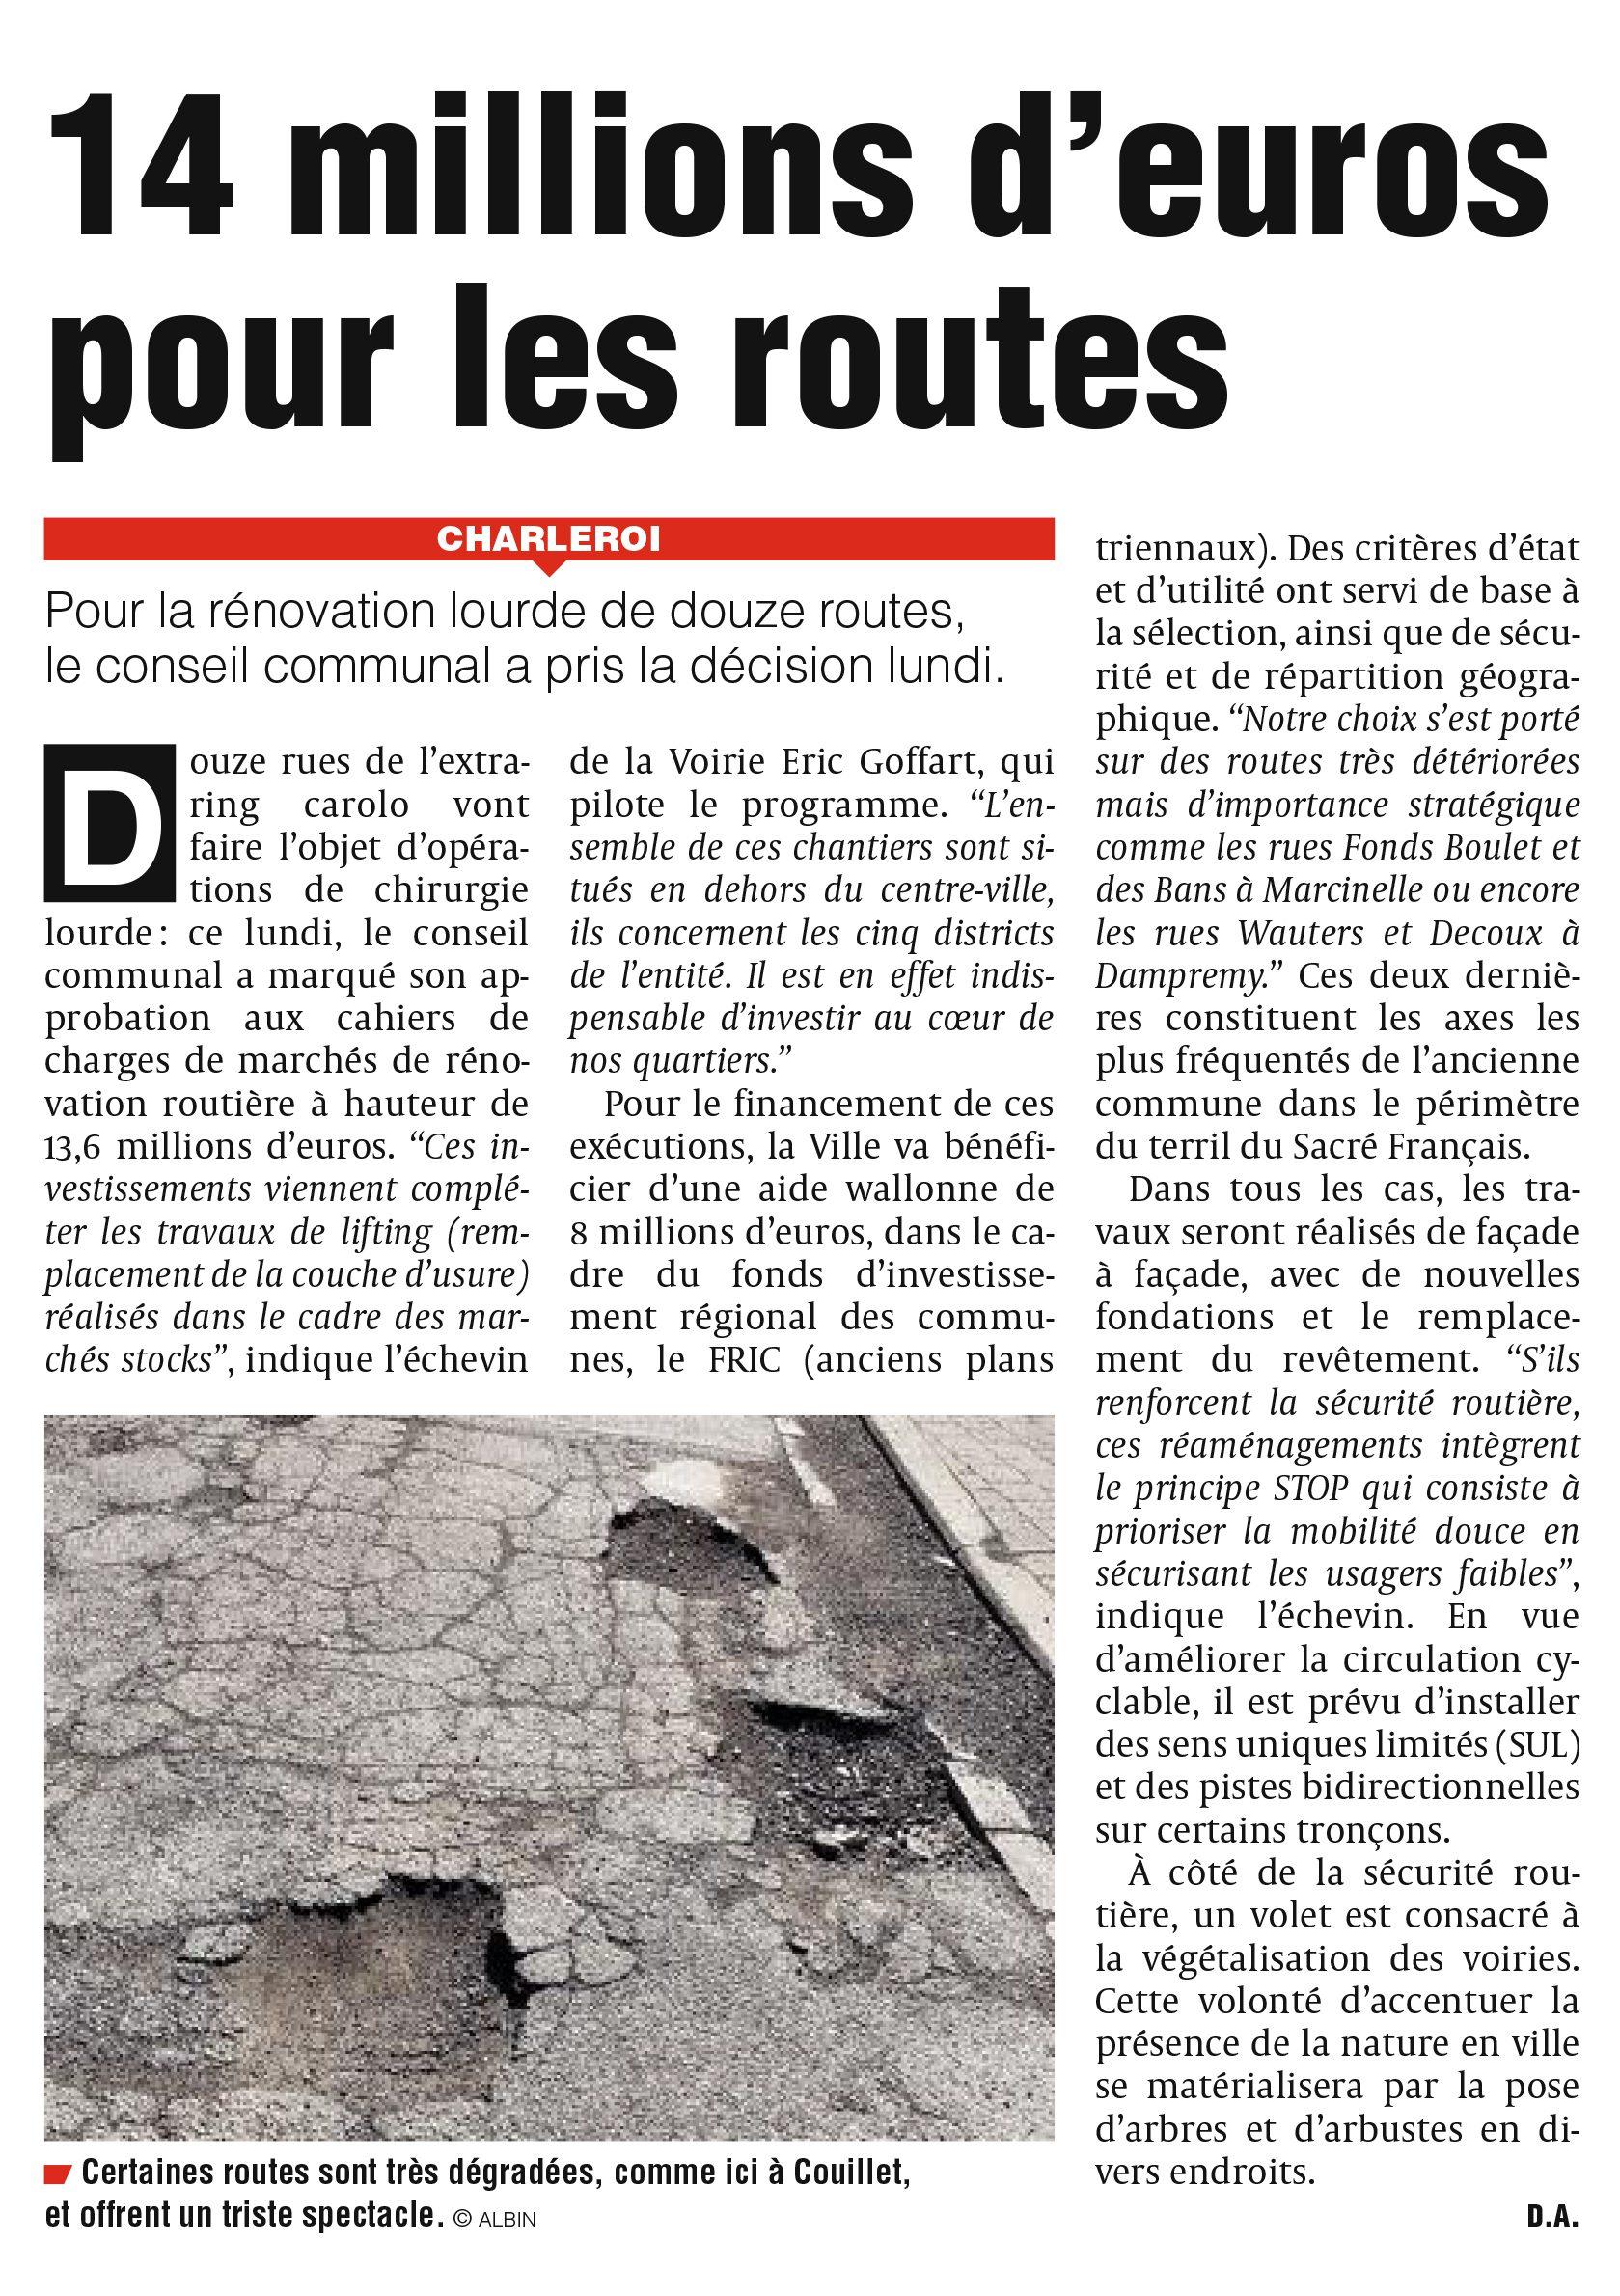 Eric Goffart - 14 millions d'euros pour les routes à Charleroi